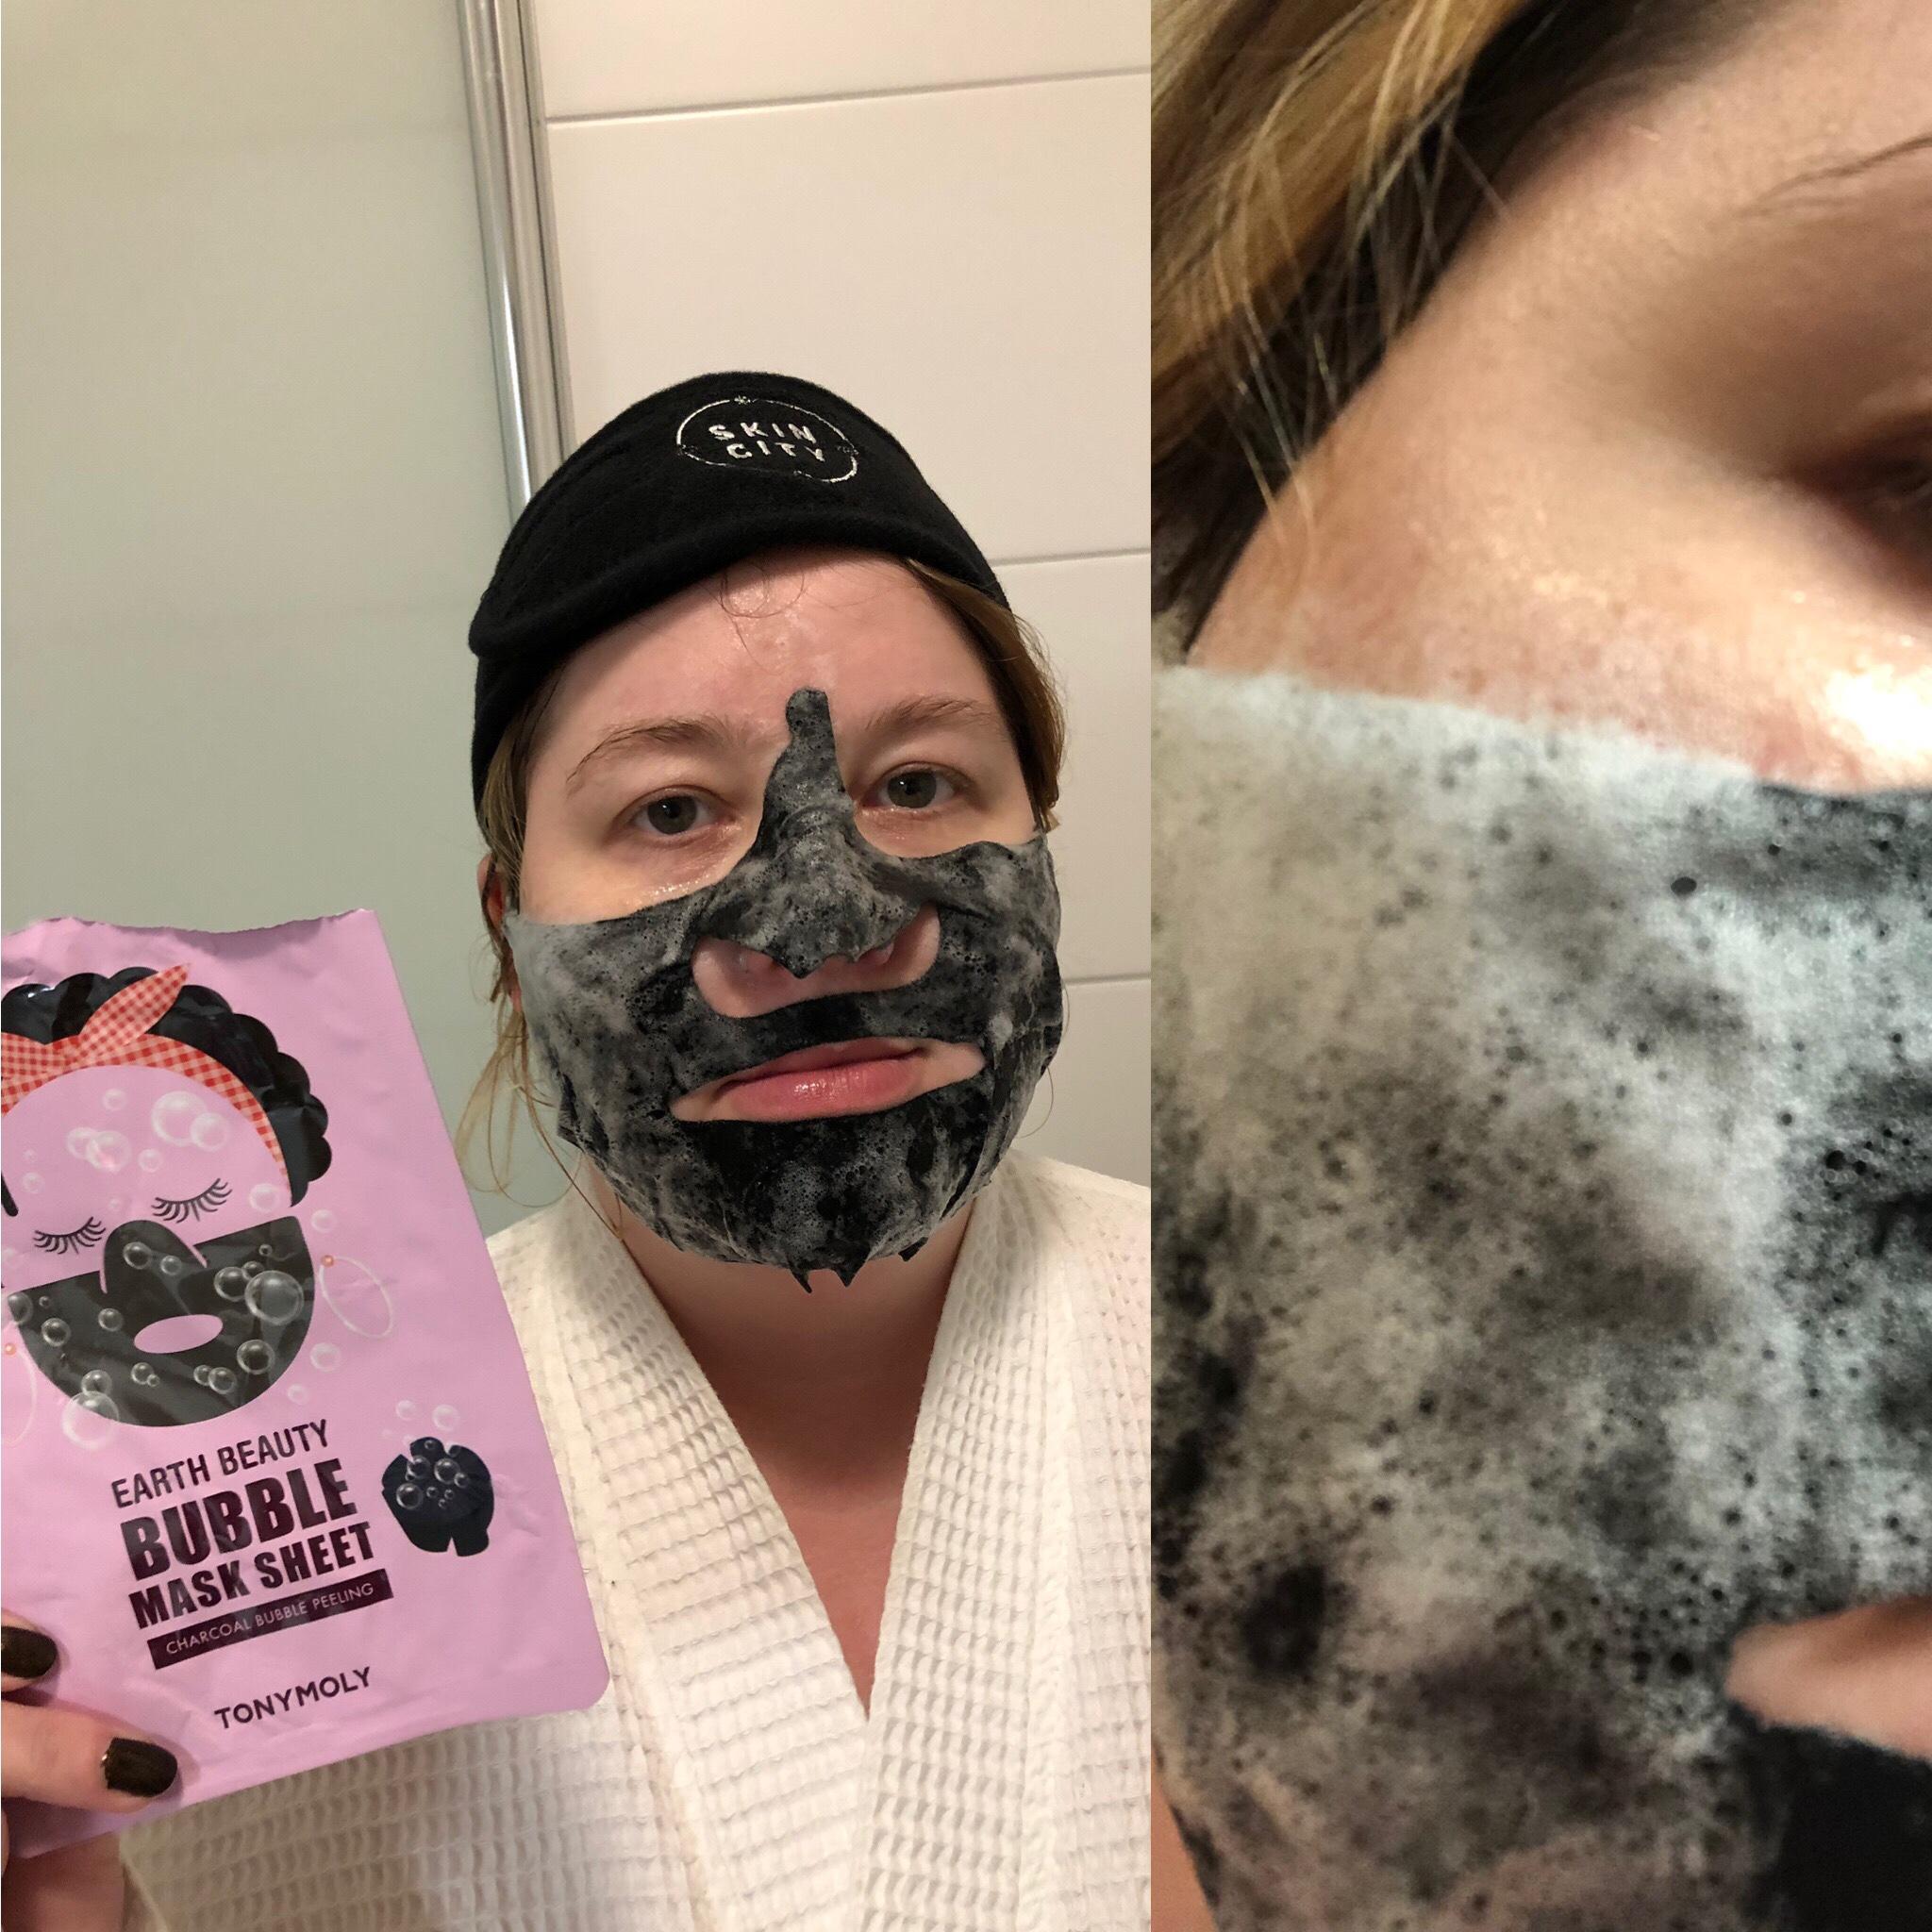 Tonymoly Earth Beauty Bubble Sheet Mask